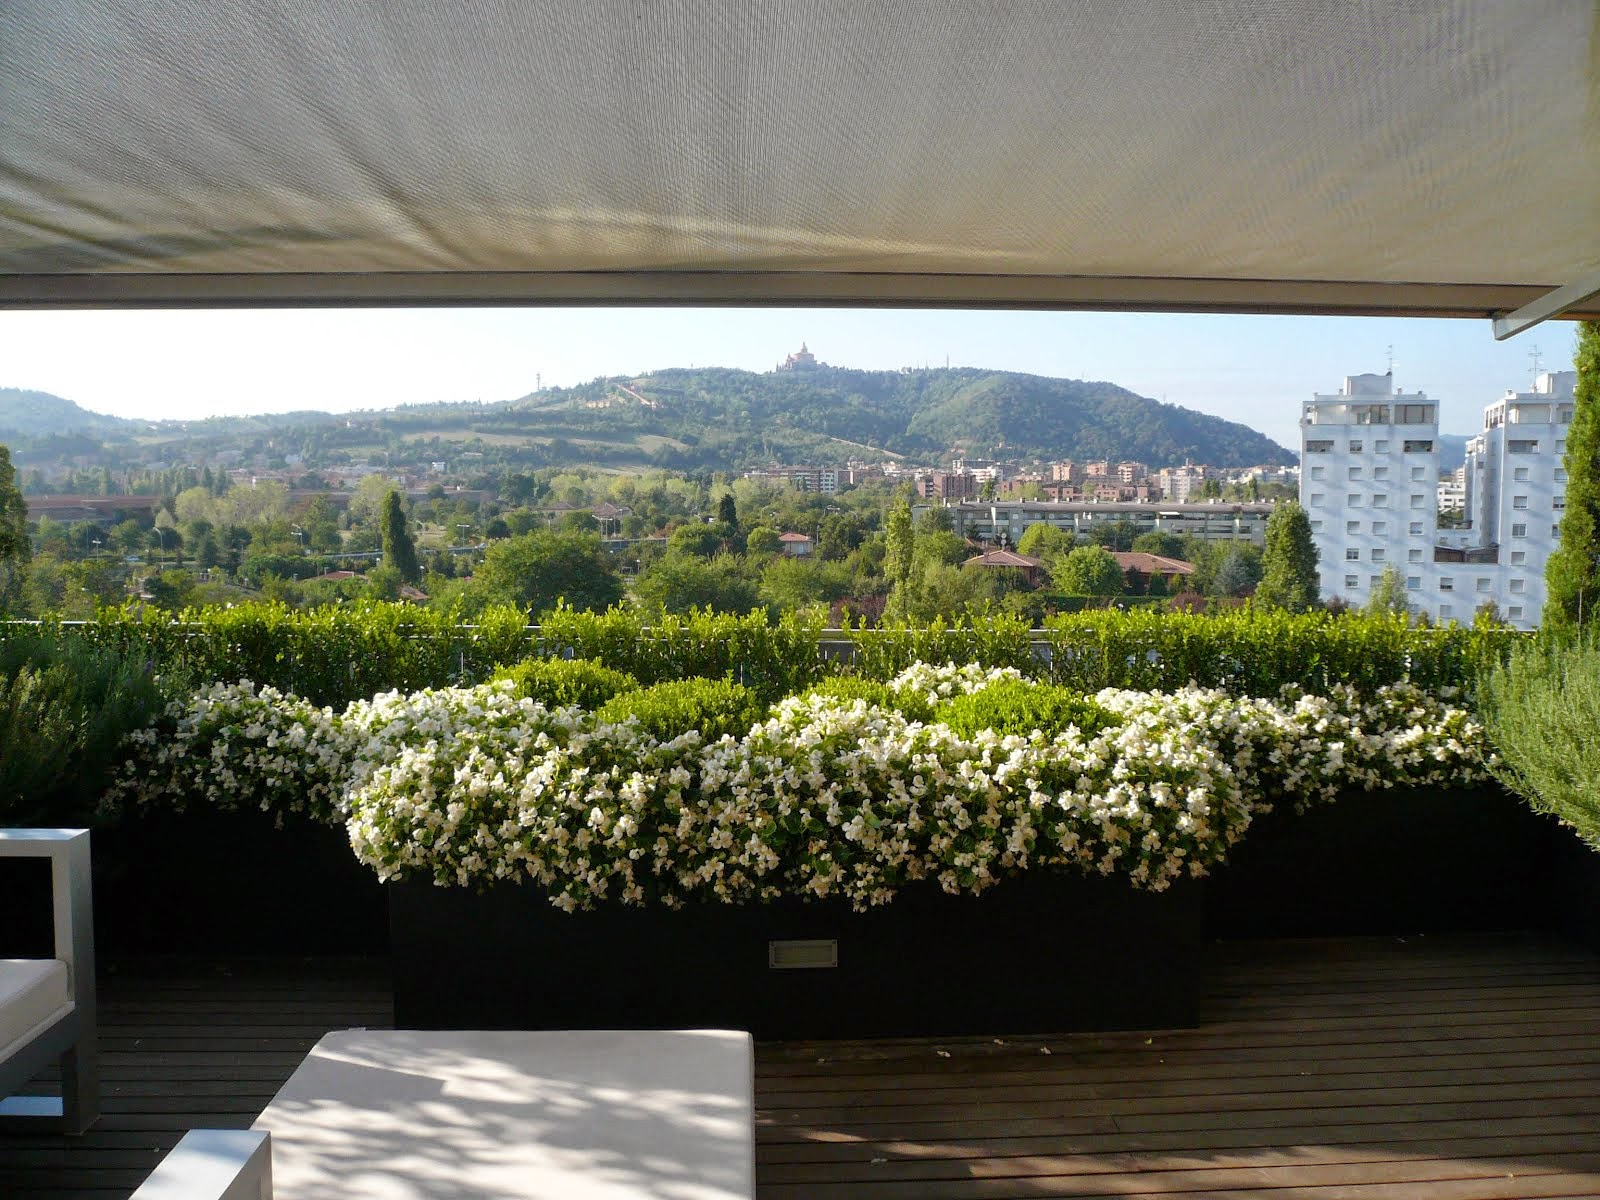 Arredo e design il giardino in terrazzo corso a modena - Arredo giardino bologna ...